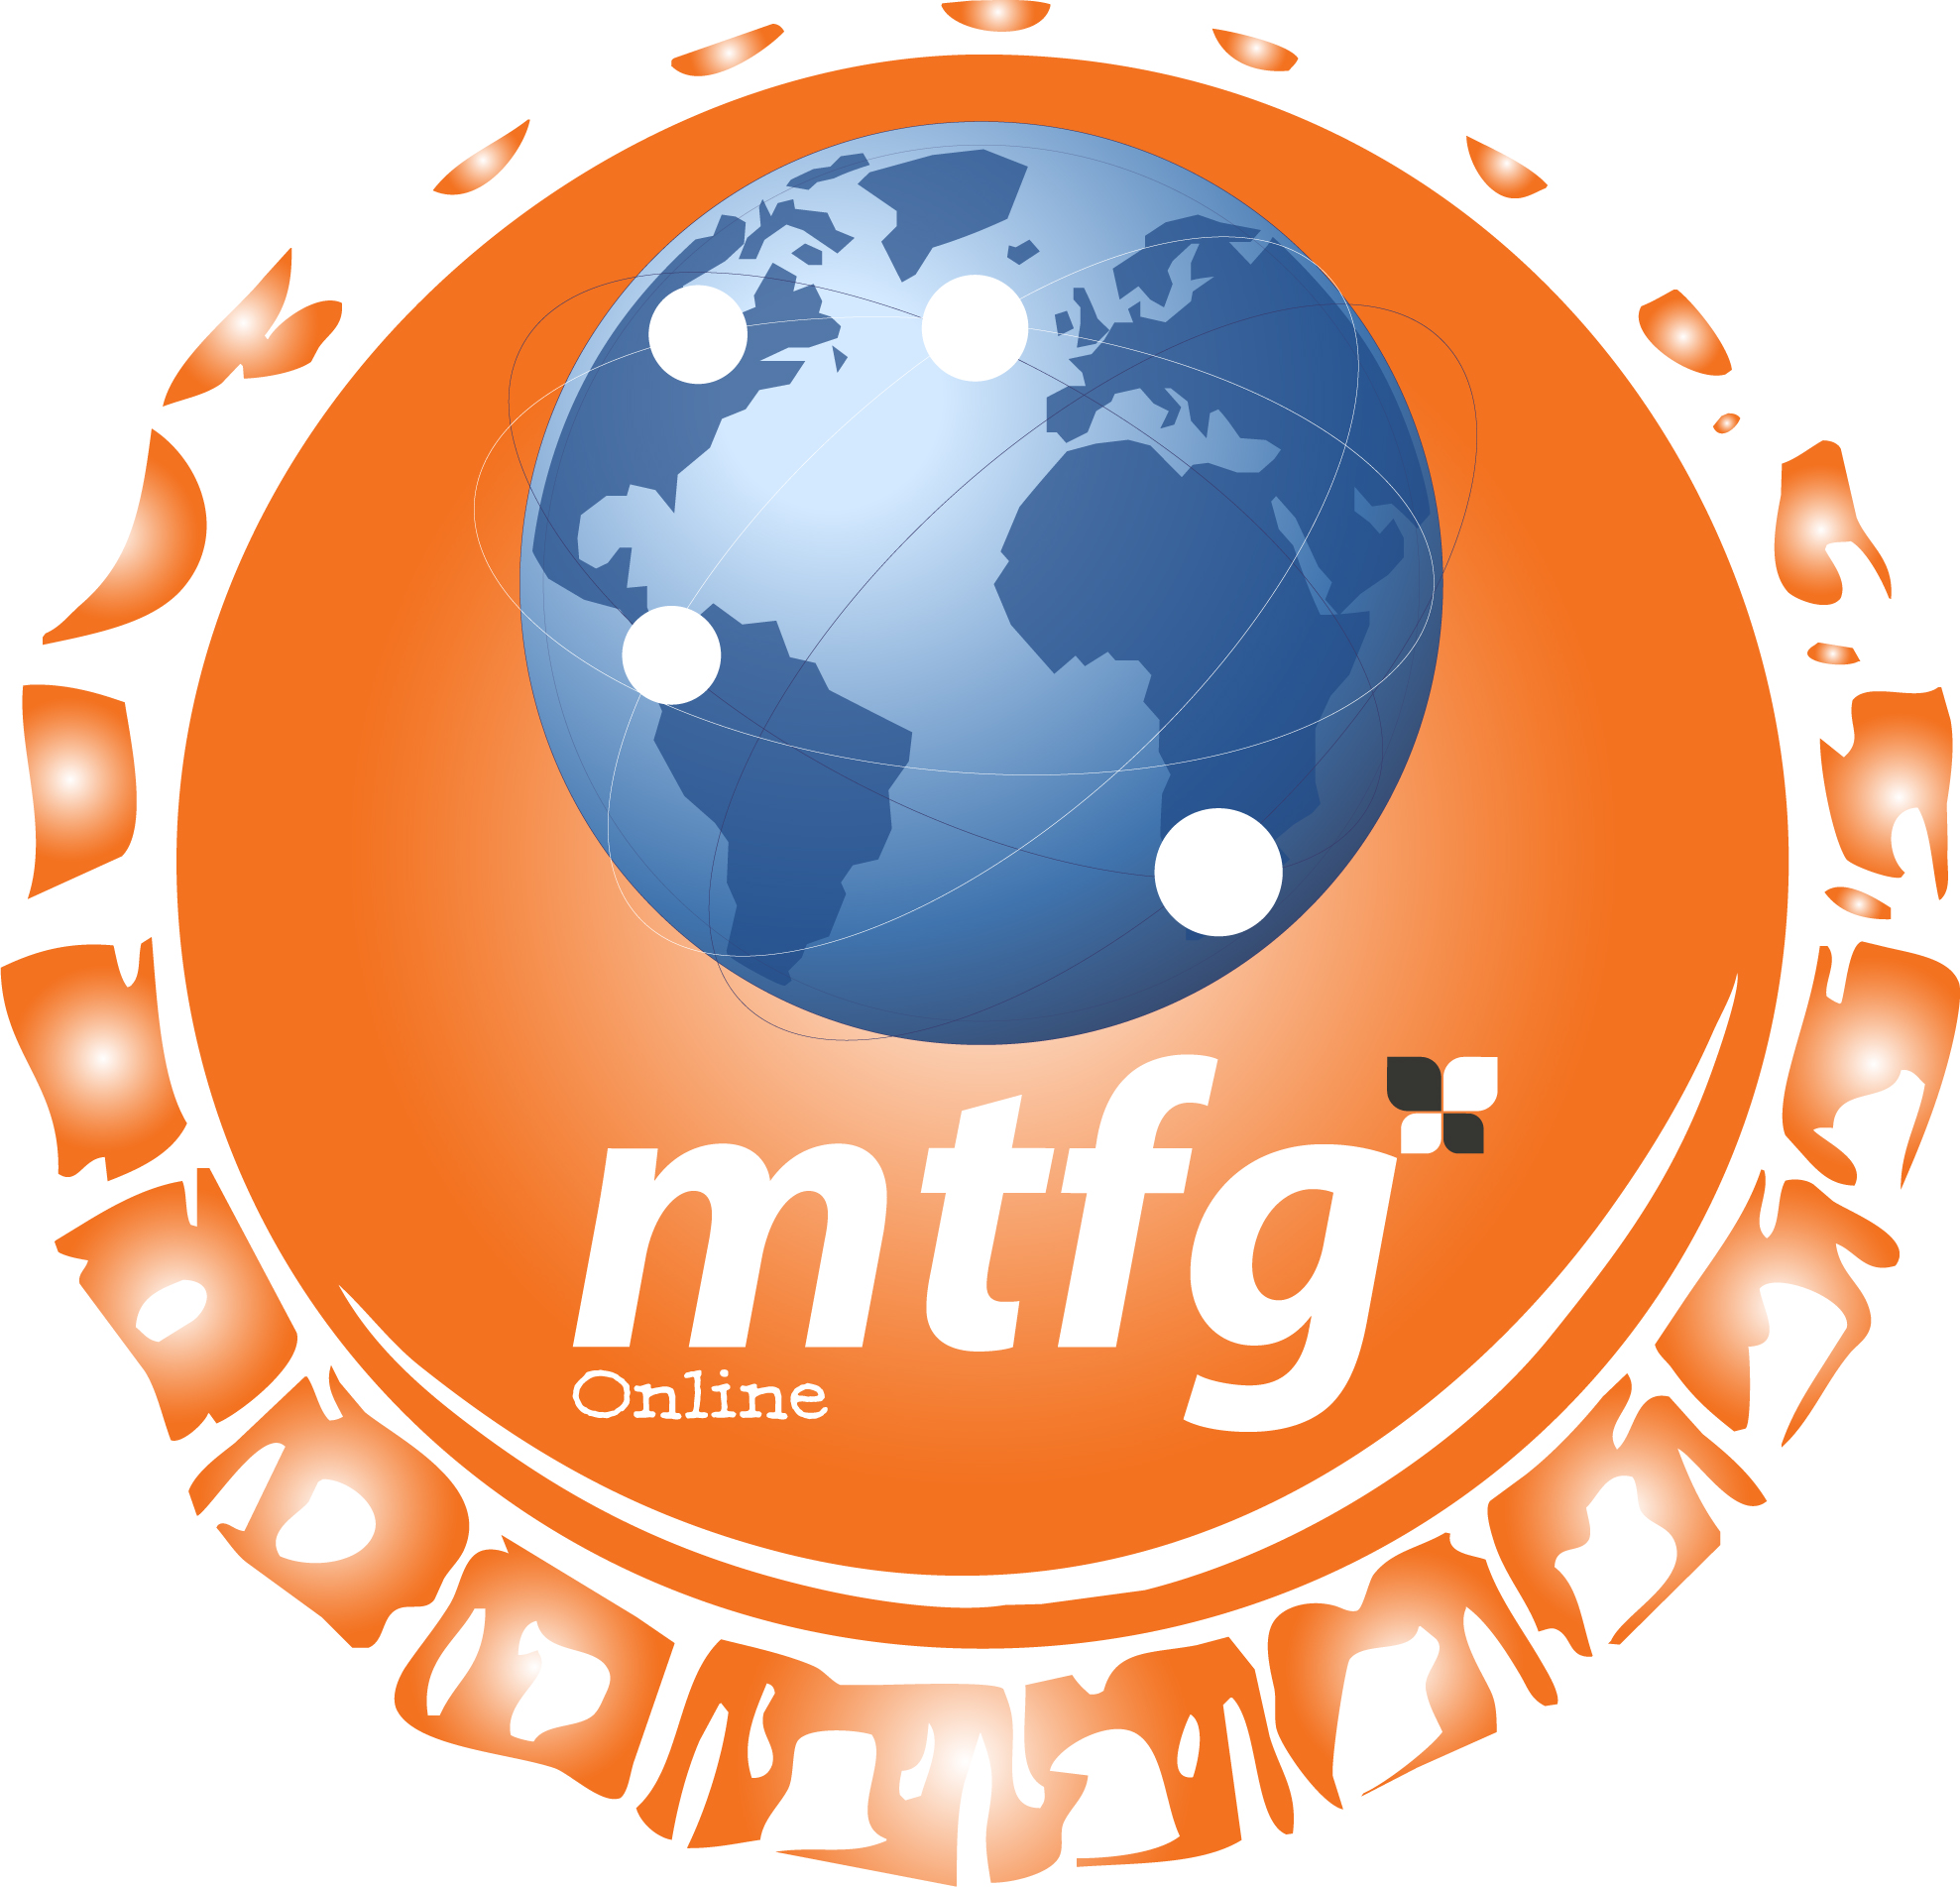 MTFG Online